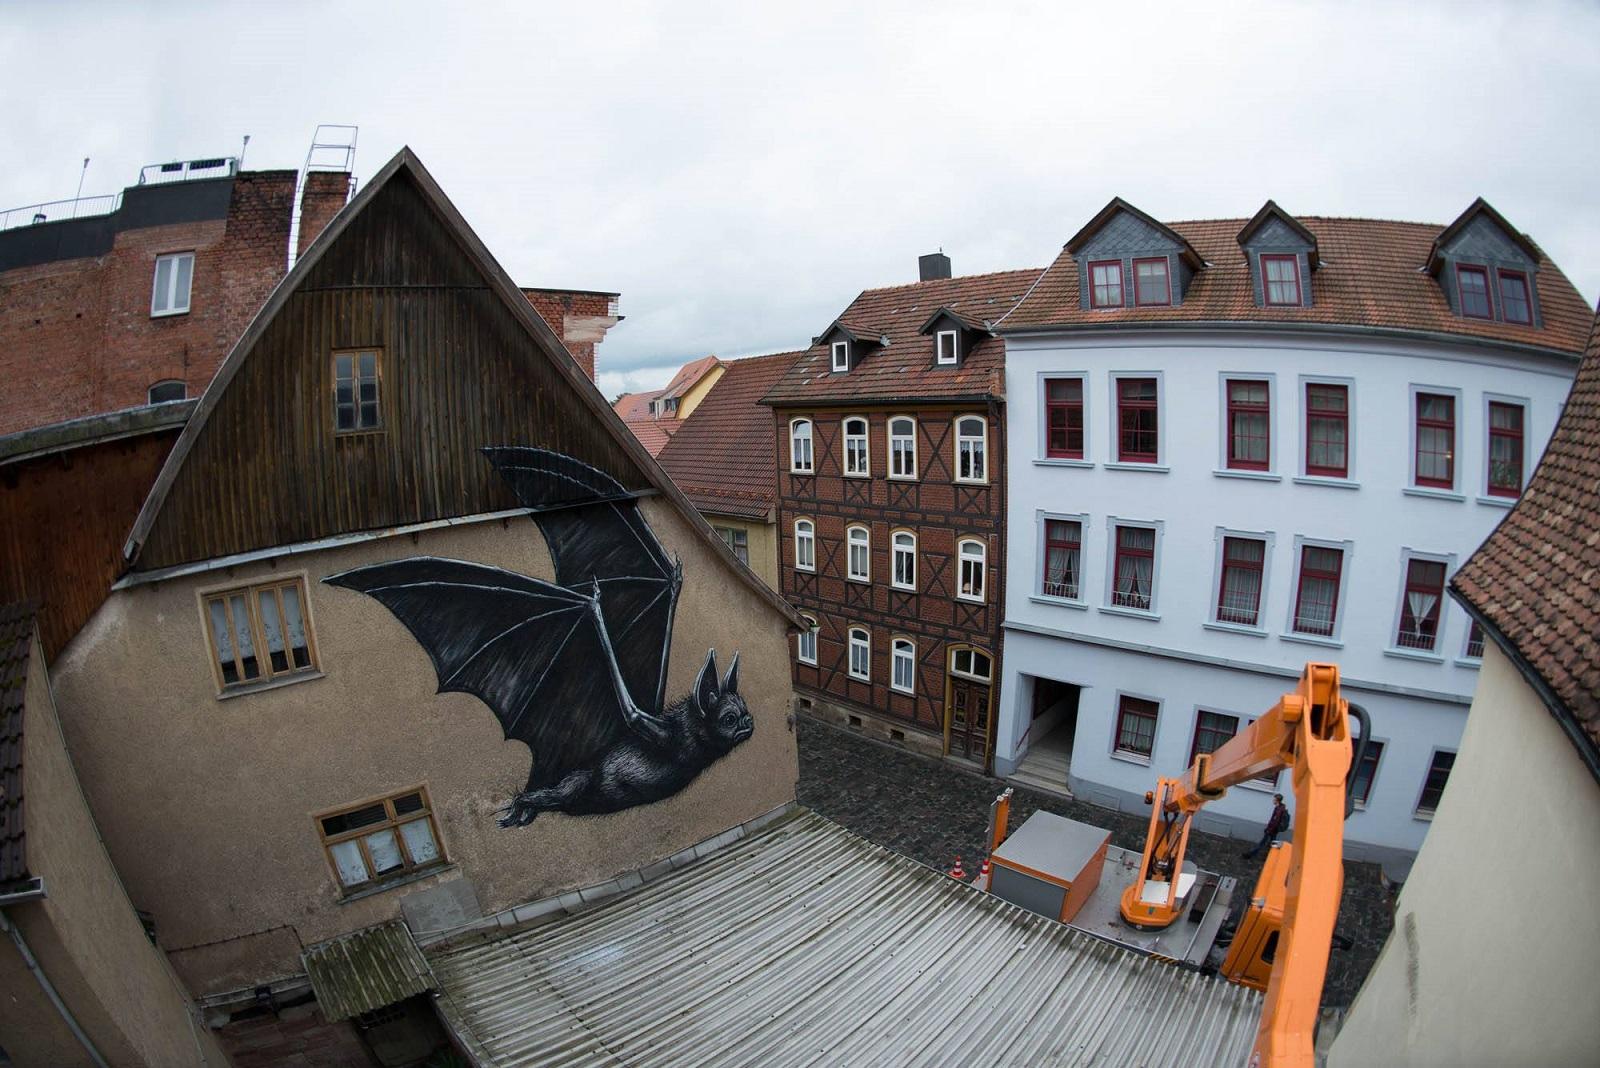 roa-new-mural-for-wallcome-festival-06